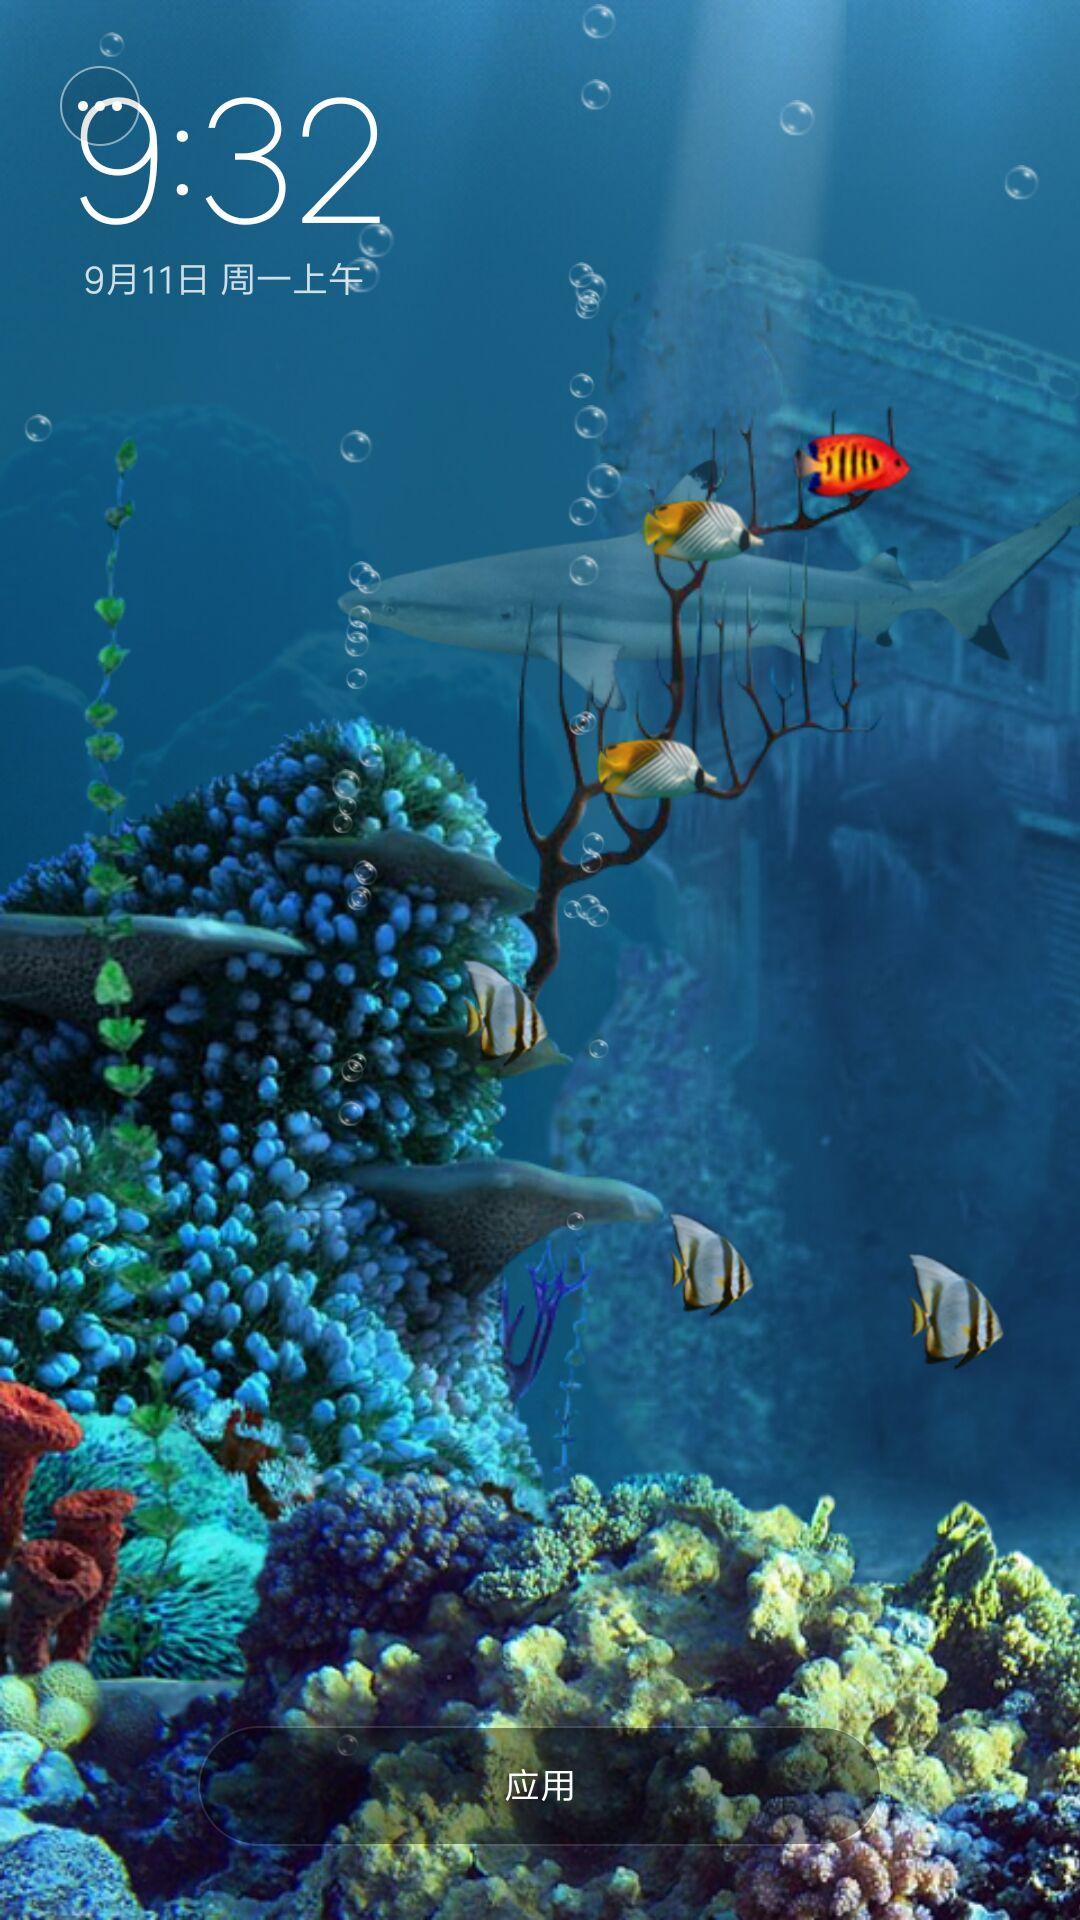 3D海洋动态壁纸-应用截图